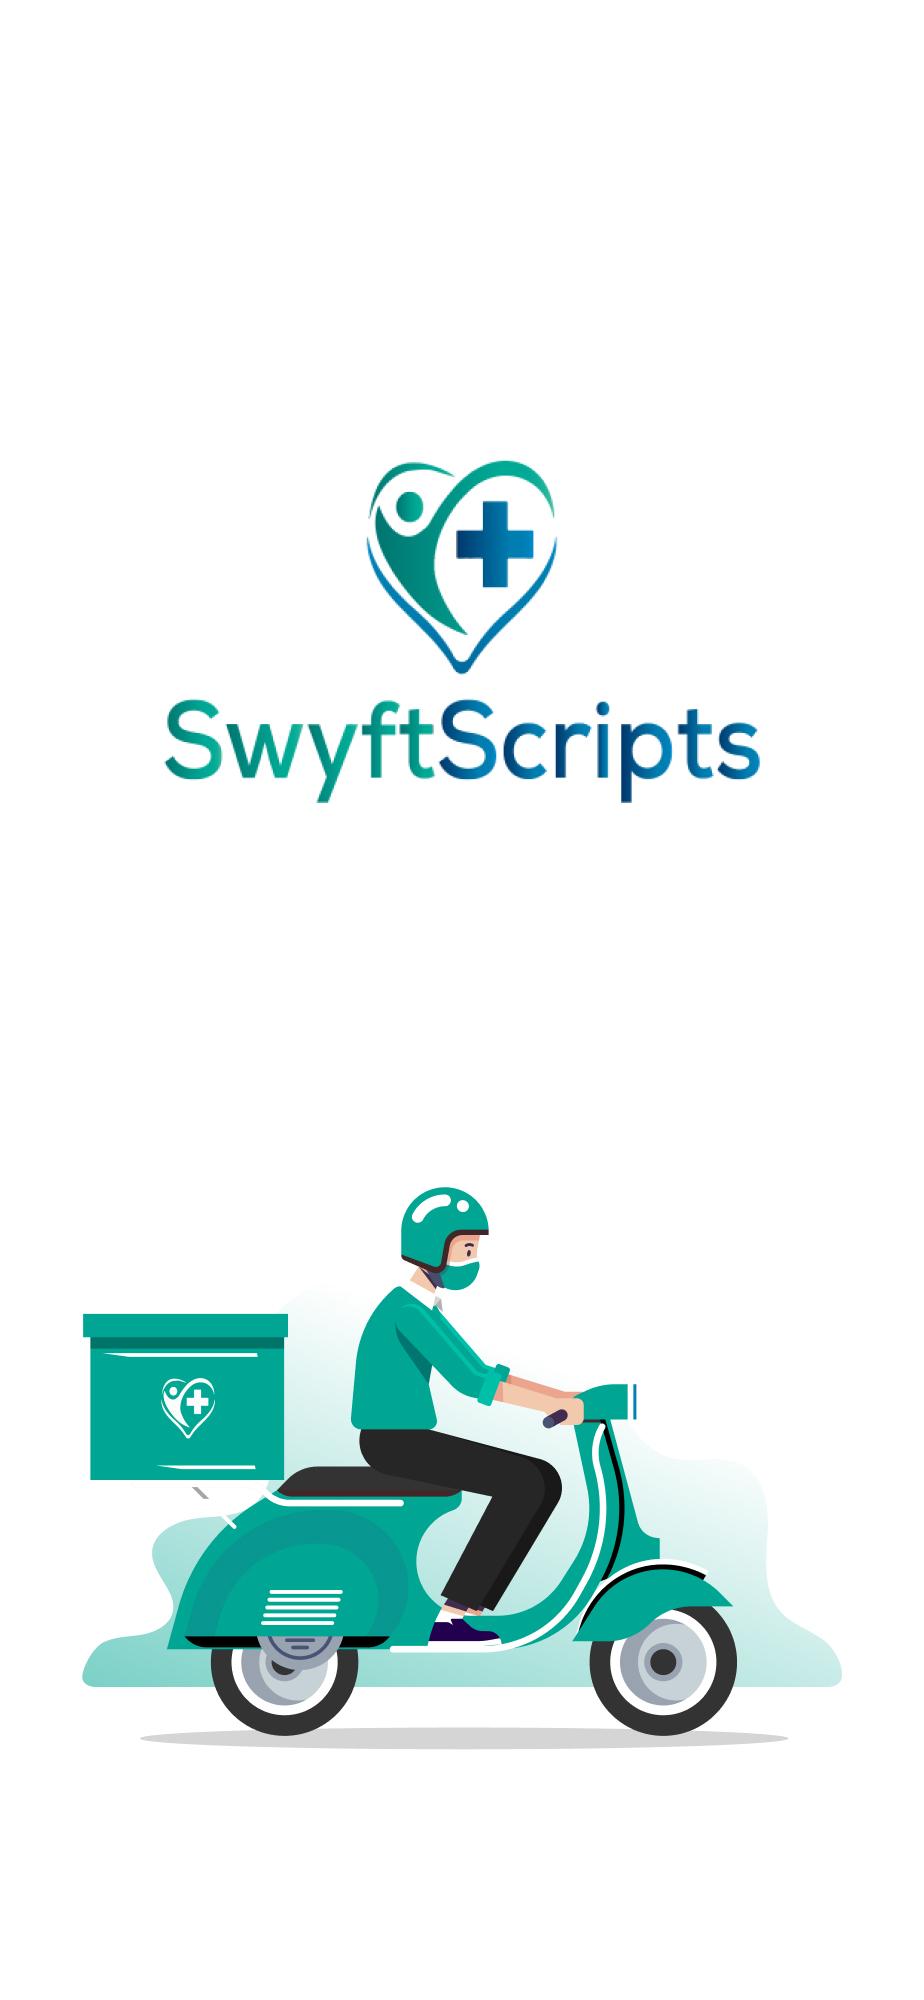 SwyftScripts